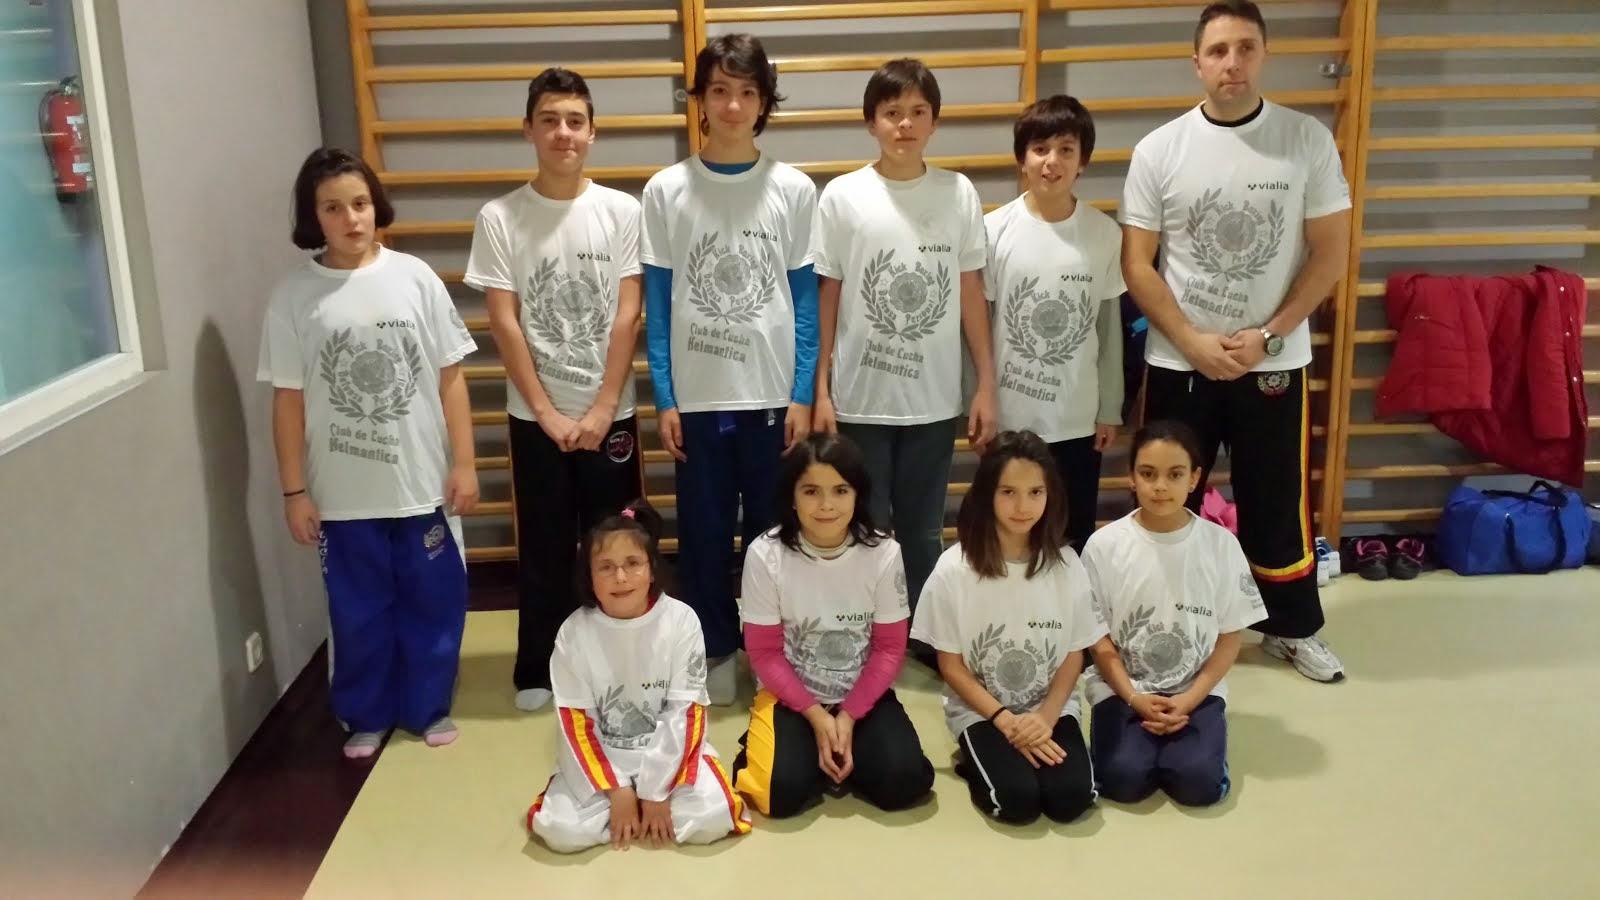 Equipo competición junior 2014